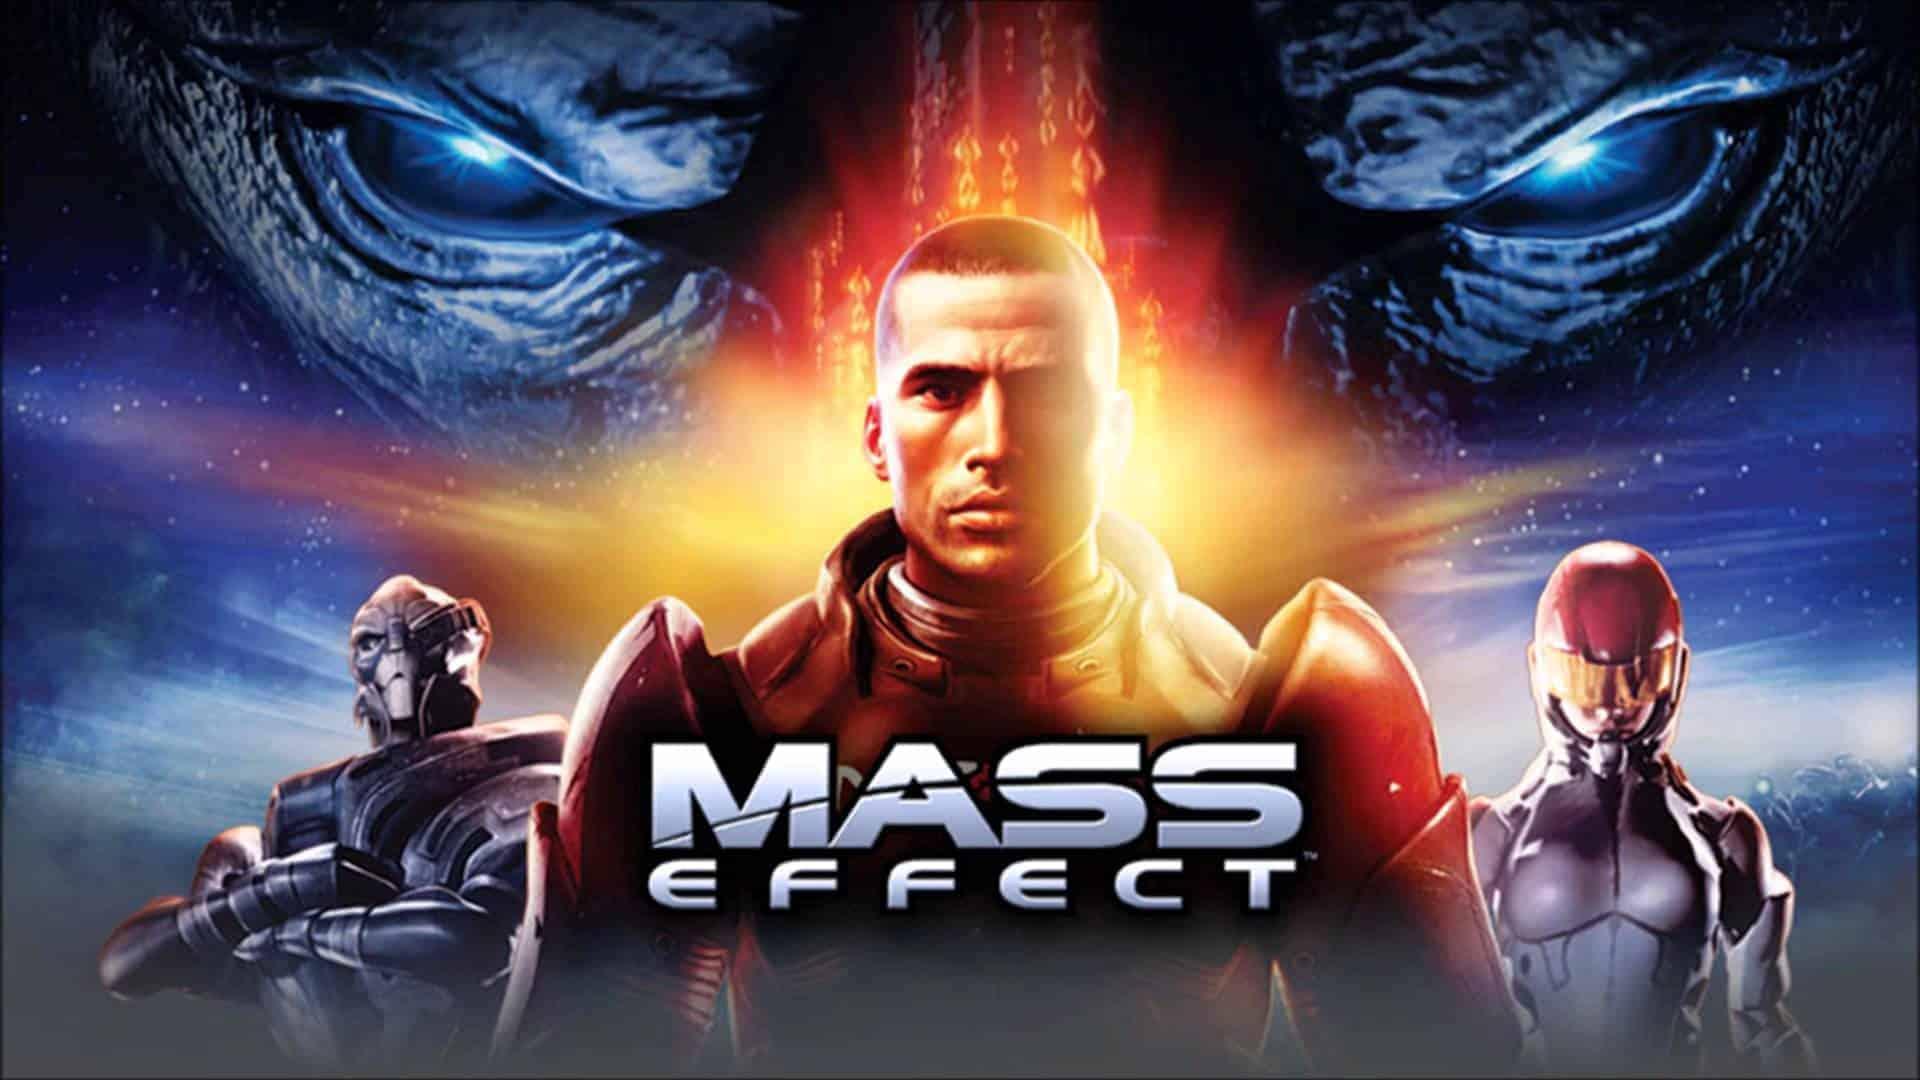 Mass Effect Frei PC Kostenlos Herunterladen